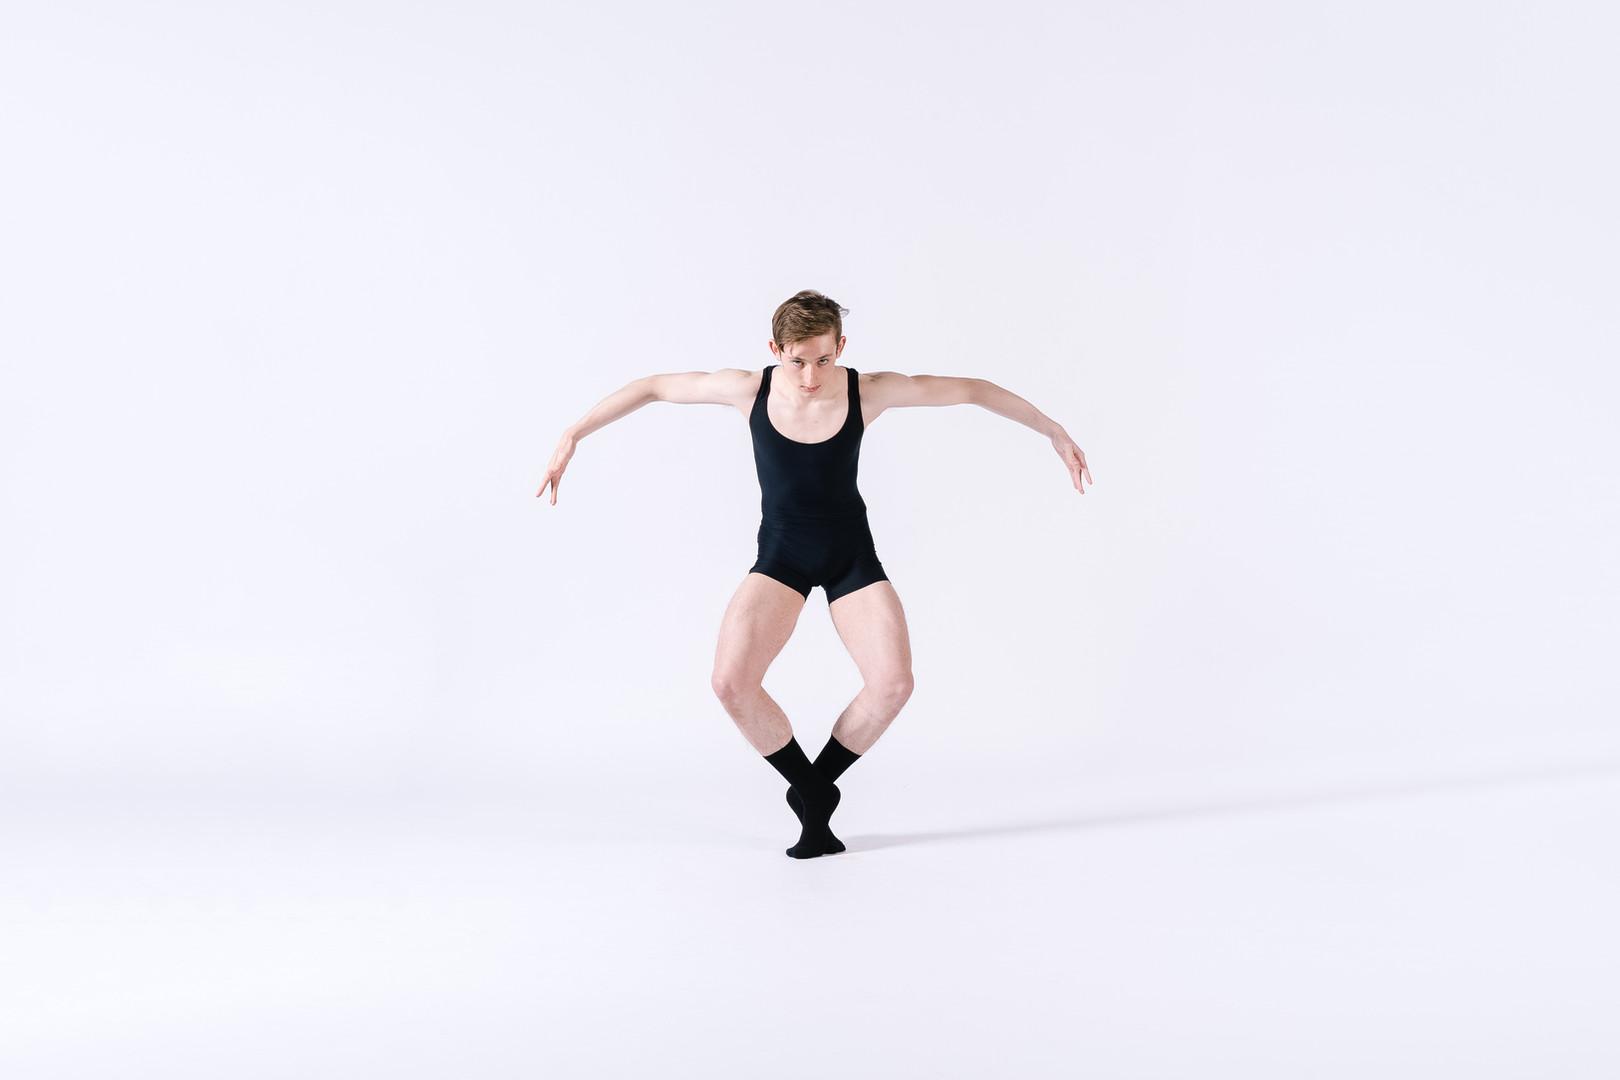 manchester-dance-photographer-21.jpg